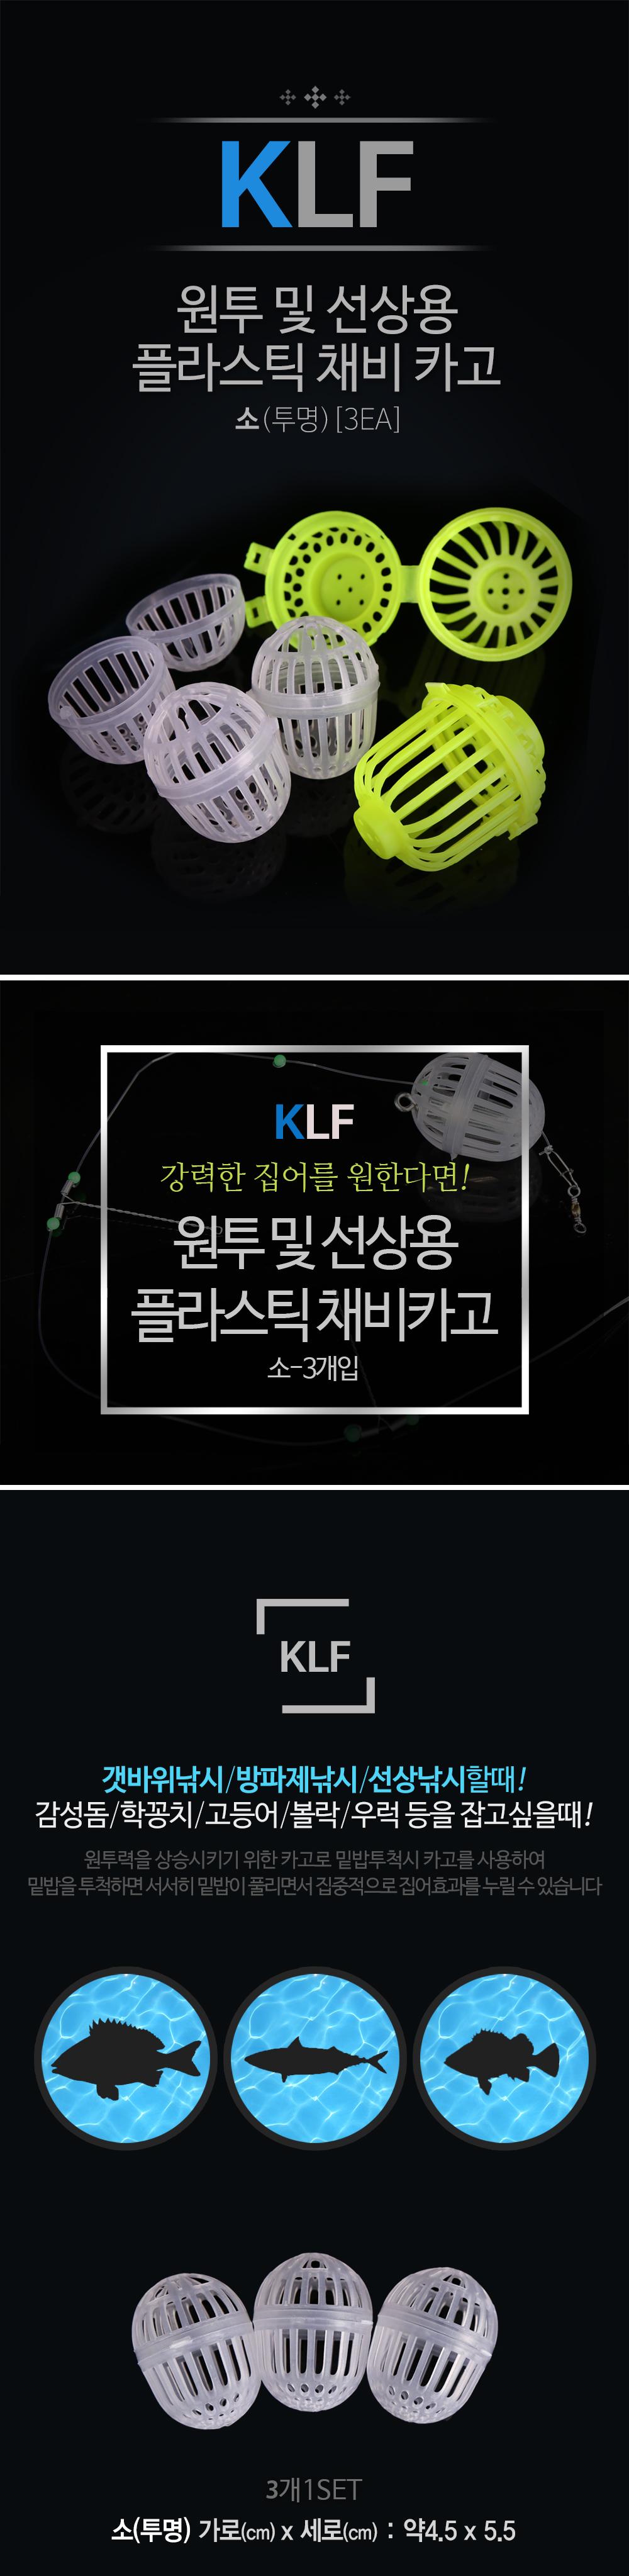 KLF 원투 및 선상용 플라스틱 채비 카고 카고 소형카고 원투카고 선상카고 플라스틱카고 카고낚시 카고원투 소카고